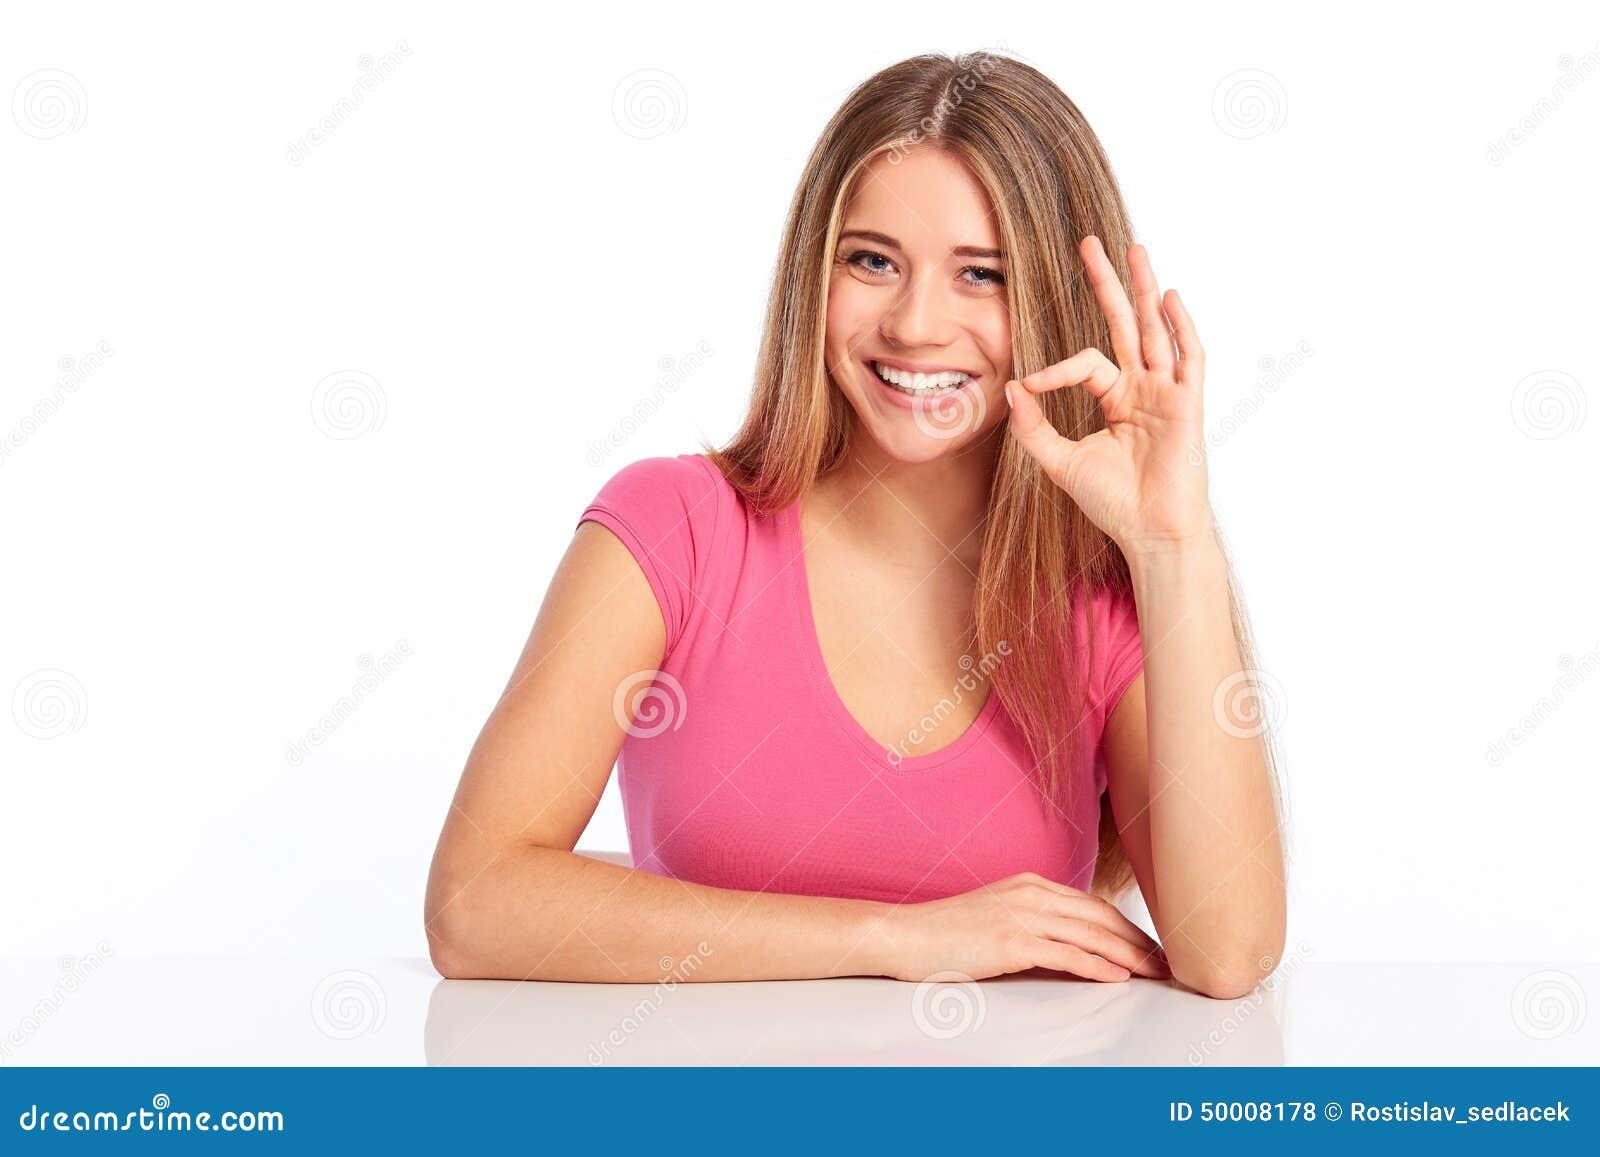 和少妇做�9�.k{x+_打手势好,在白色背景的微笑的少妇.